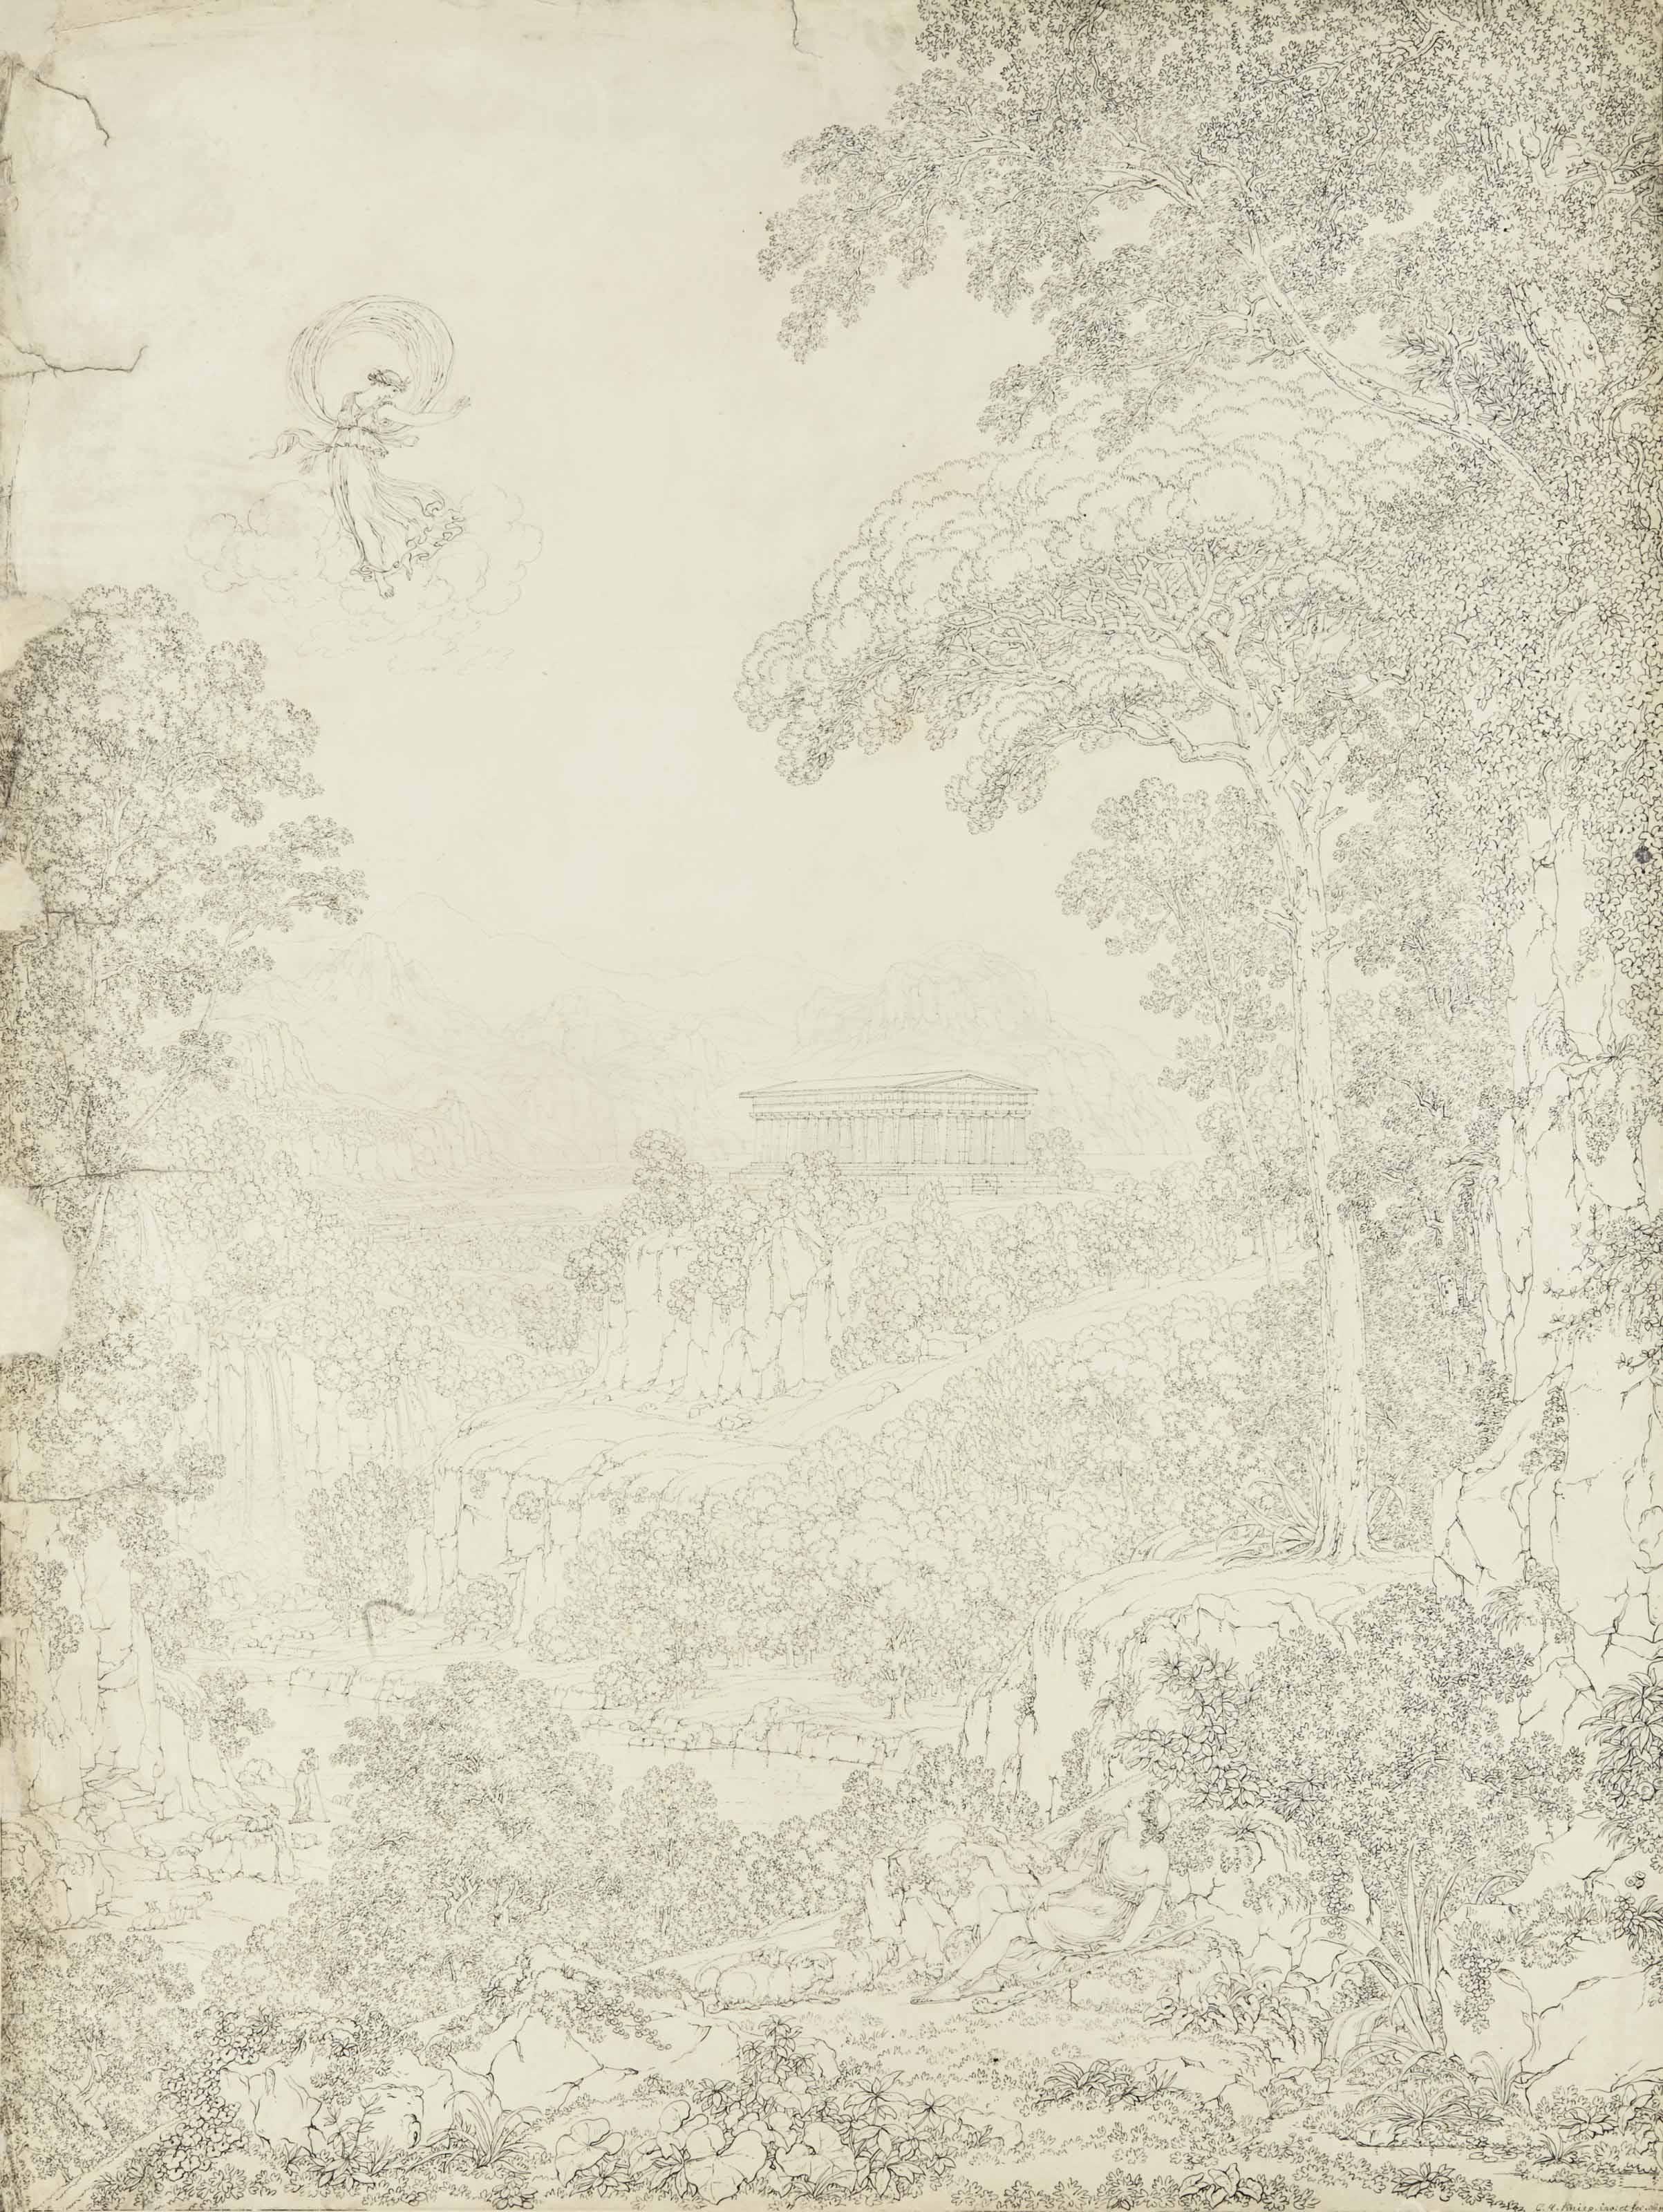 Le songe d'Endymion avec une vue idéalisée du temple de Paestum à l'arrière-plan